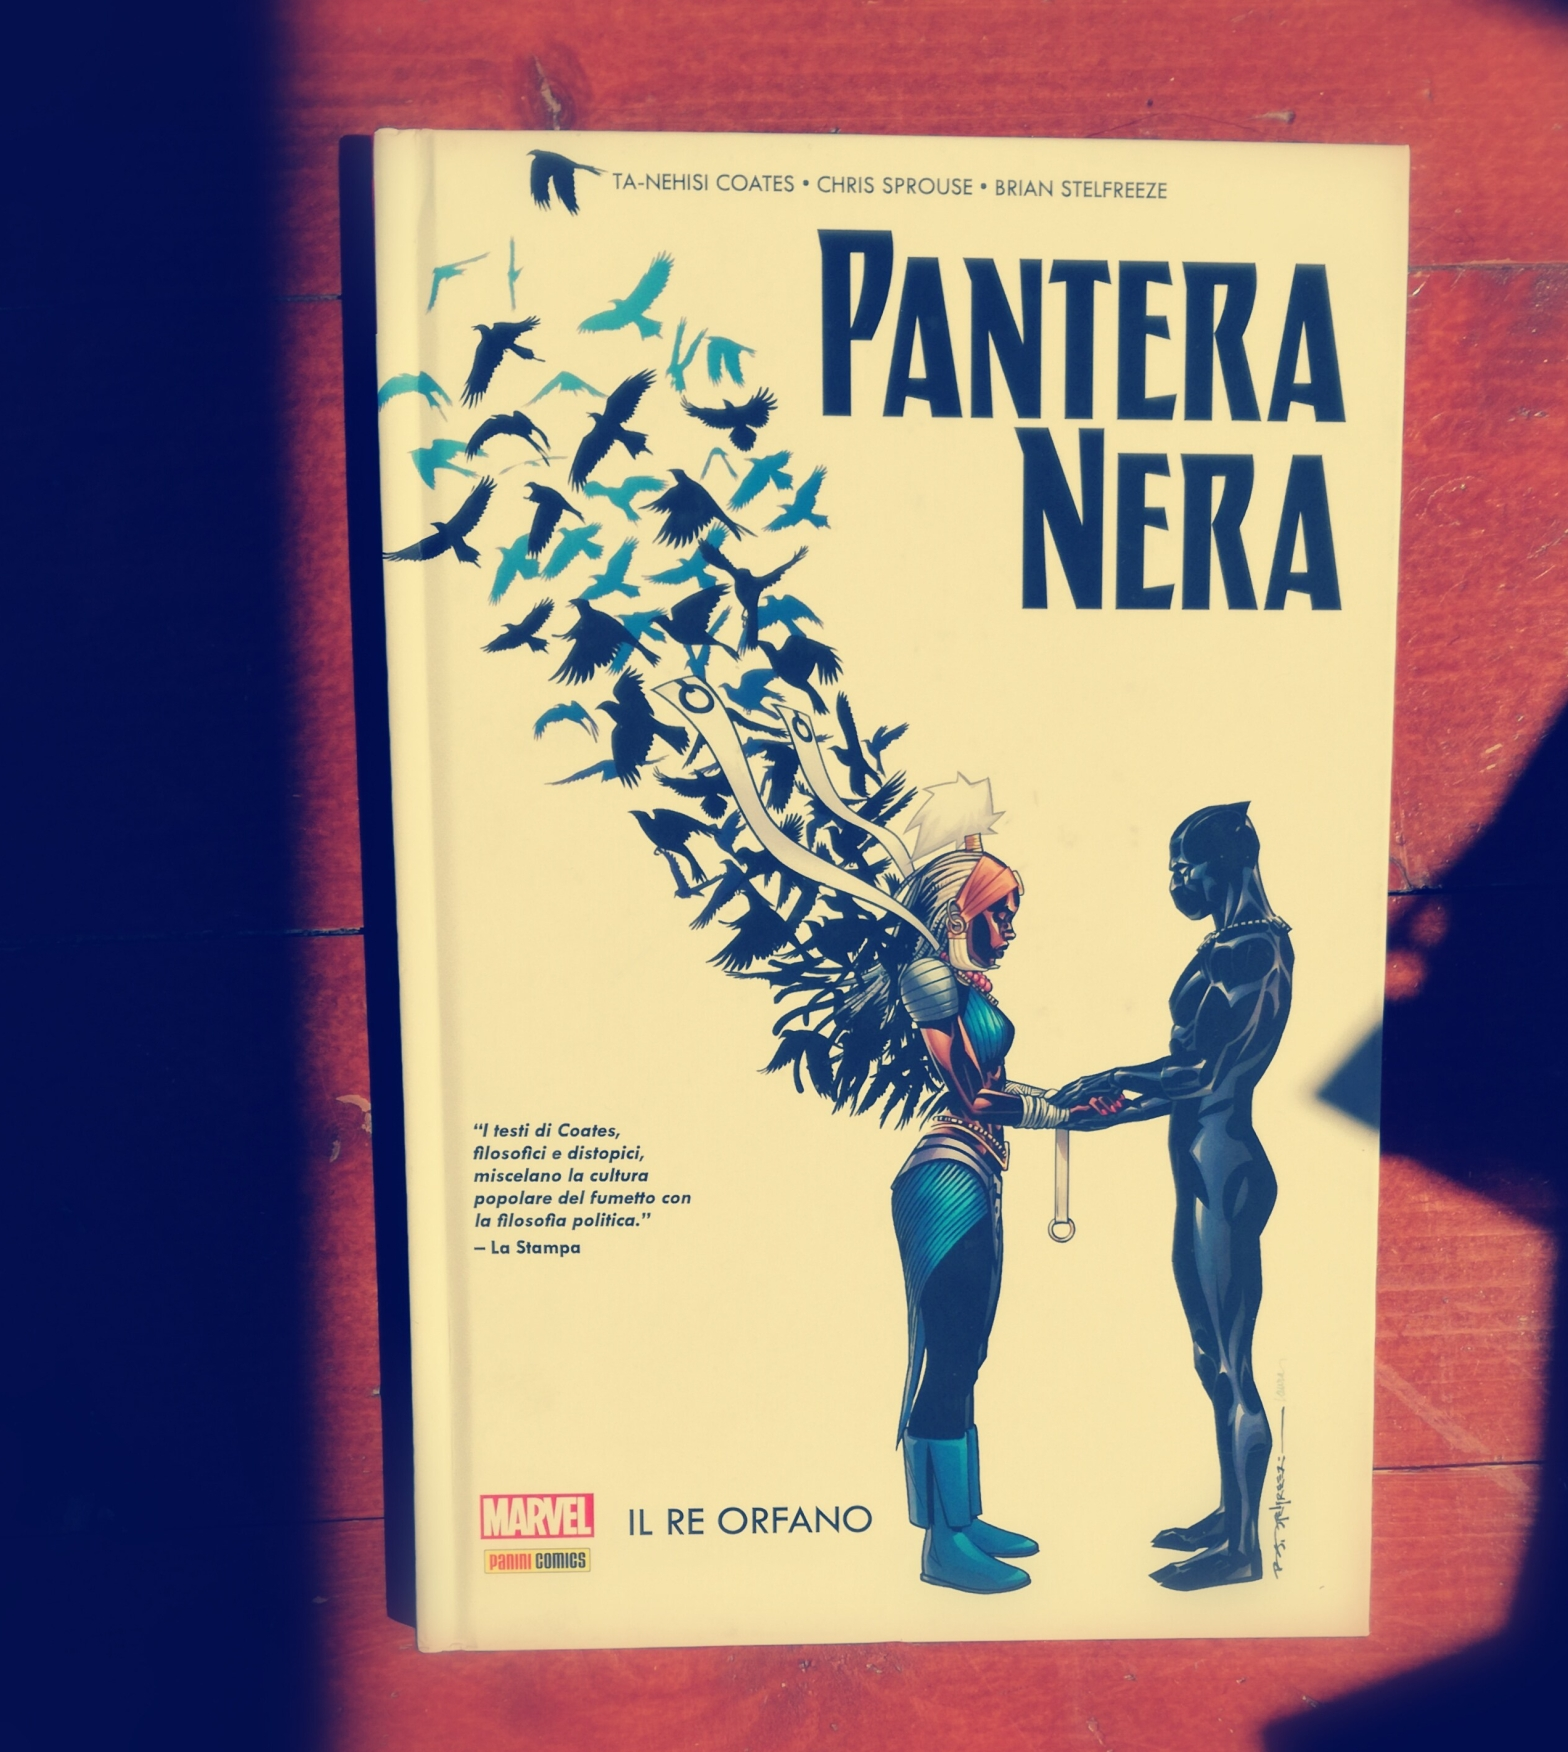 Black Panther. Pantera Nera. Ta-Nehisi Coates.